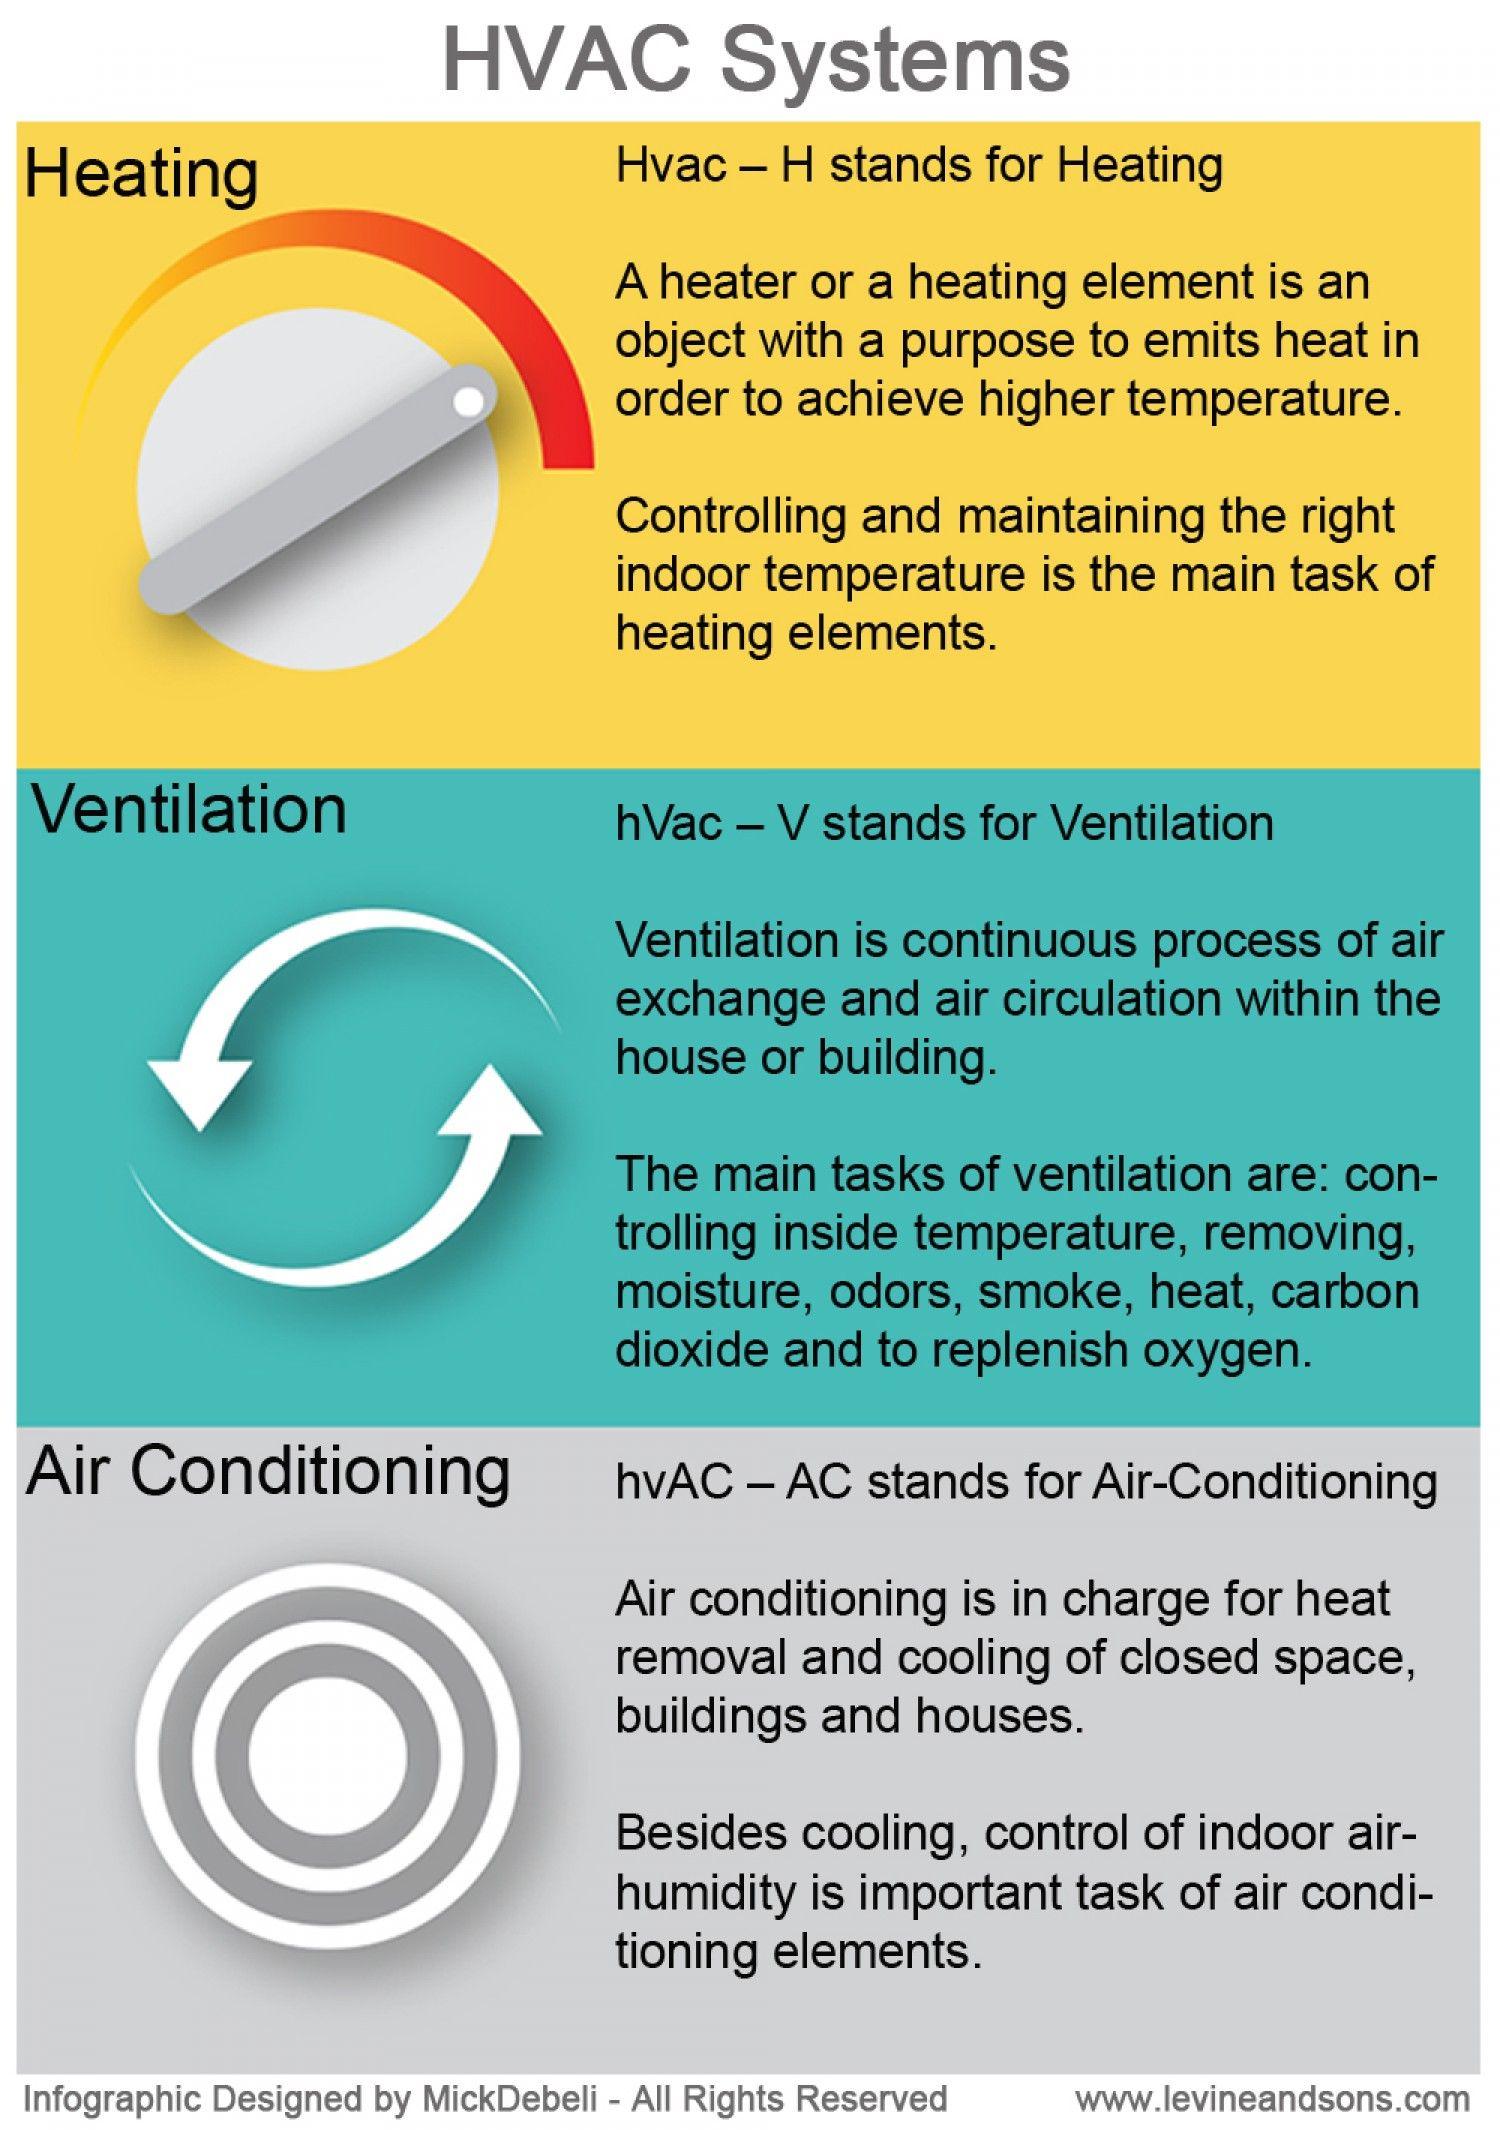 Know Hvac Hvac System Hvac Air Conditioning Hvac